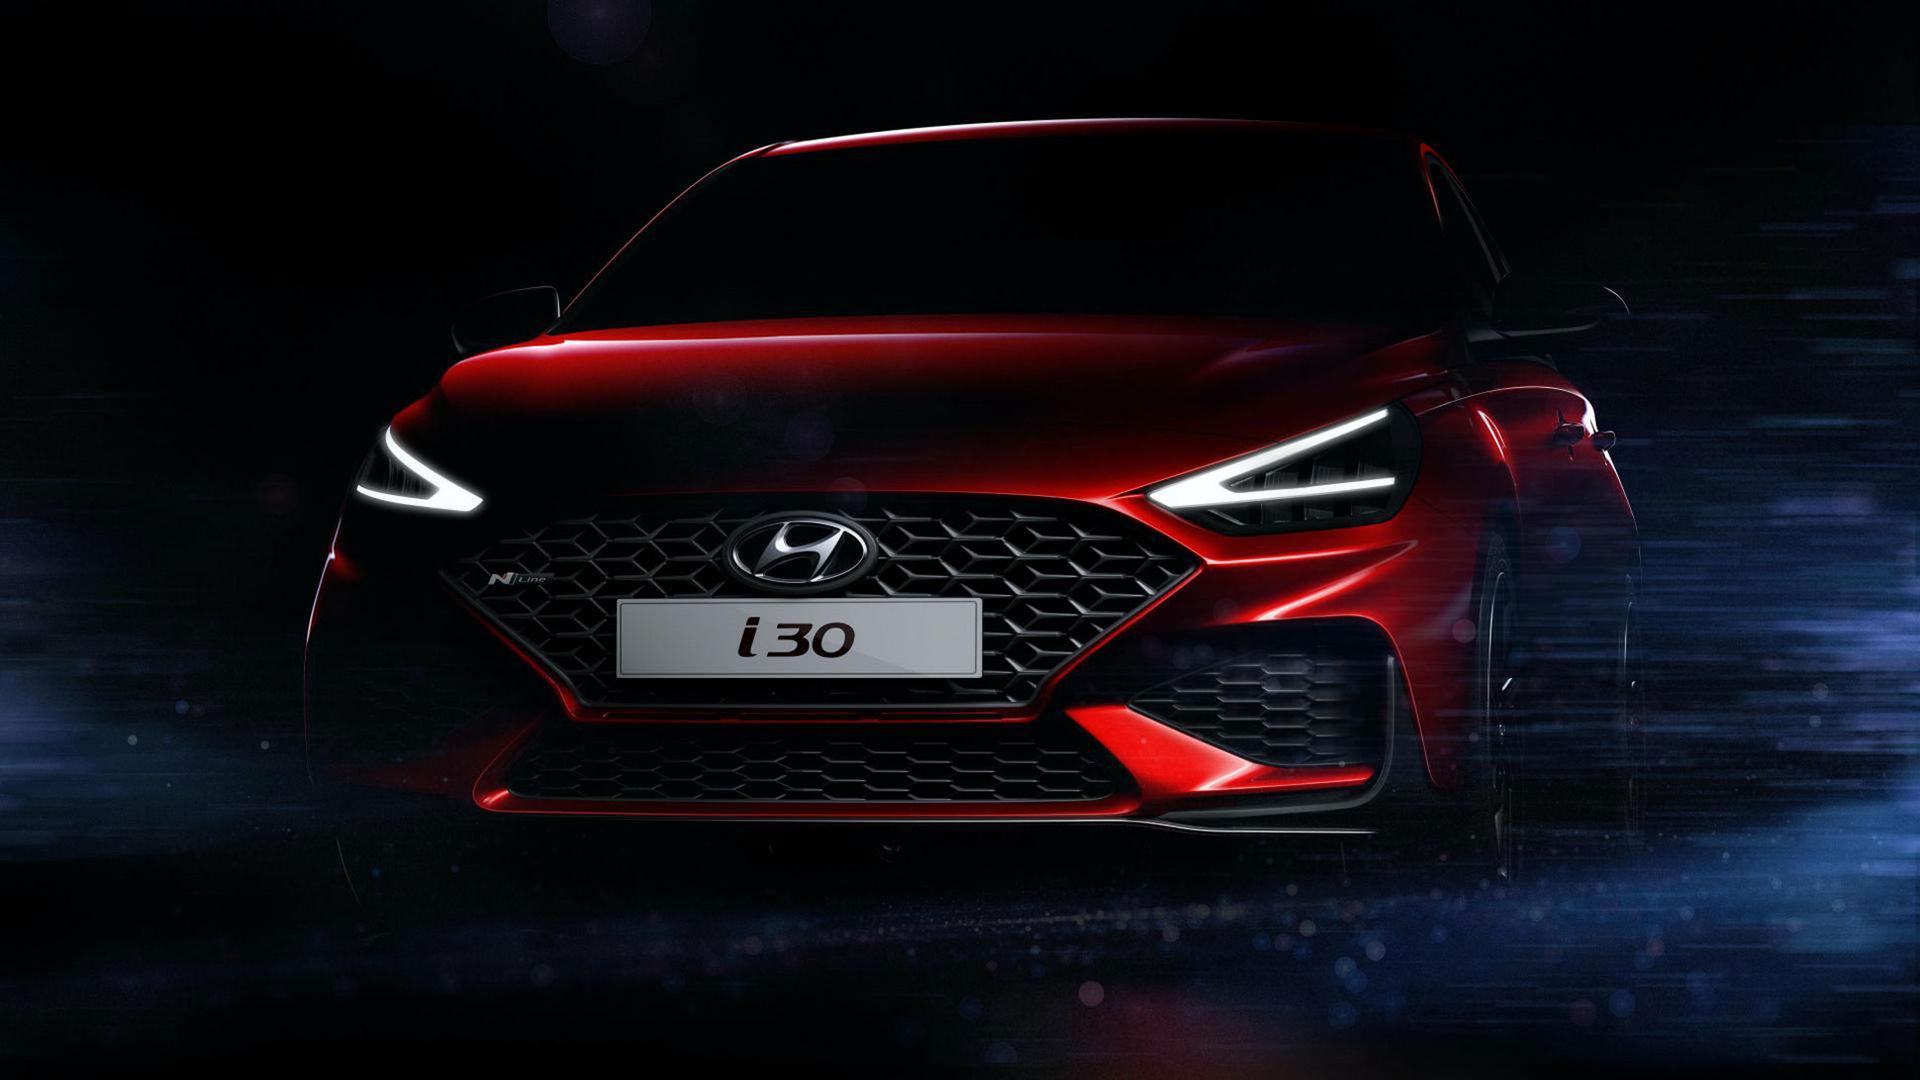 Hyundai i30 får sig en facelift